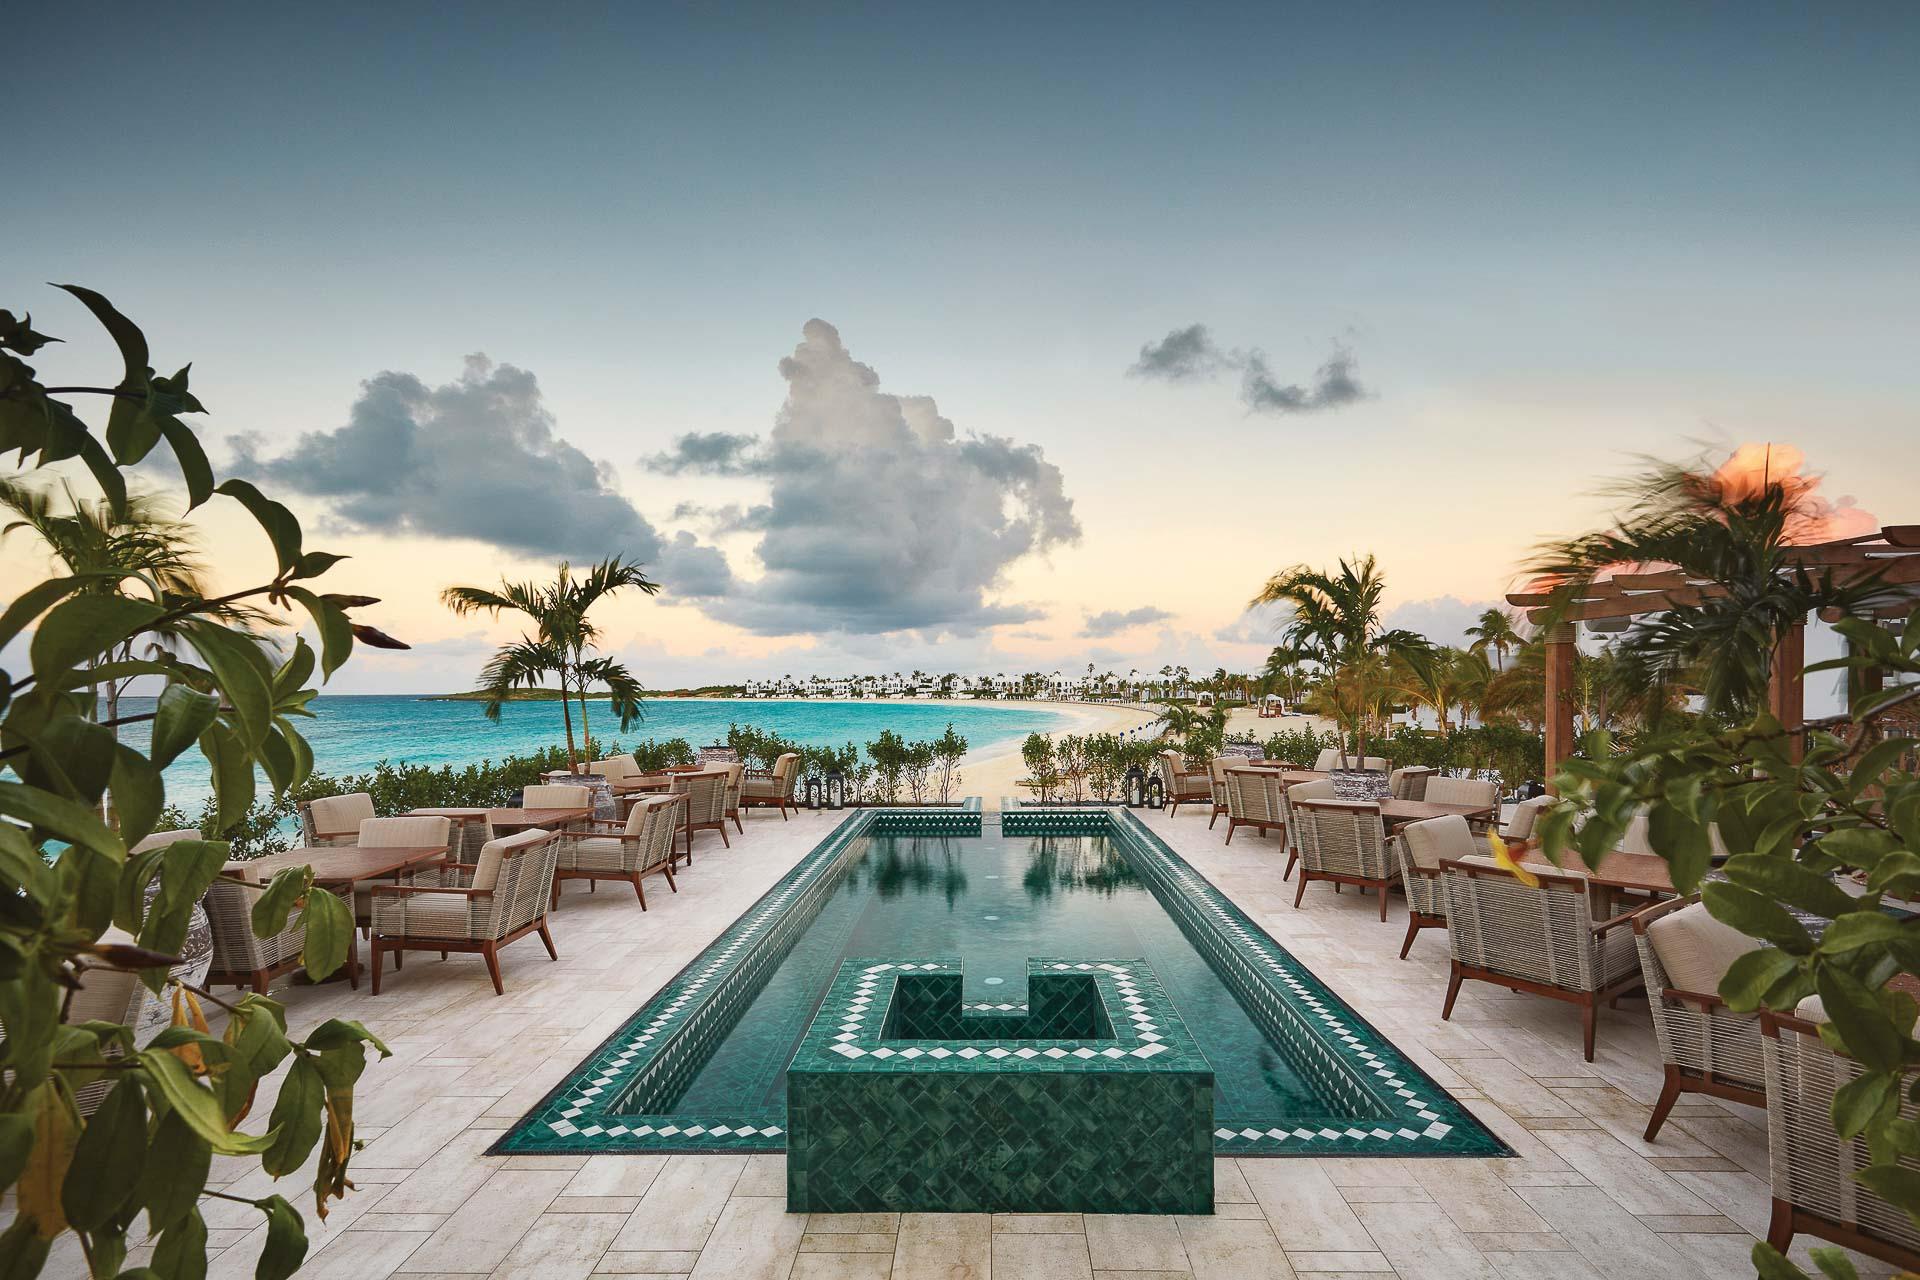 S'étendant le long d'une splendide baie sur l'île d'Anguilla, le mythique Cap Juluca, désormais sous pavillon Belmond, ponctue la plage de villas blanches à coupoles et mosaïque mauresque. Rouvert fin 2018 après une métamorphose historique, le luxueux resort est voué à devenir la nouvelle adresse emblématique de l'enseigne dans les Caraïbes.